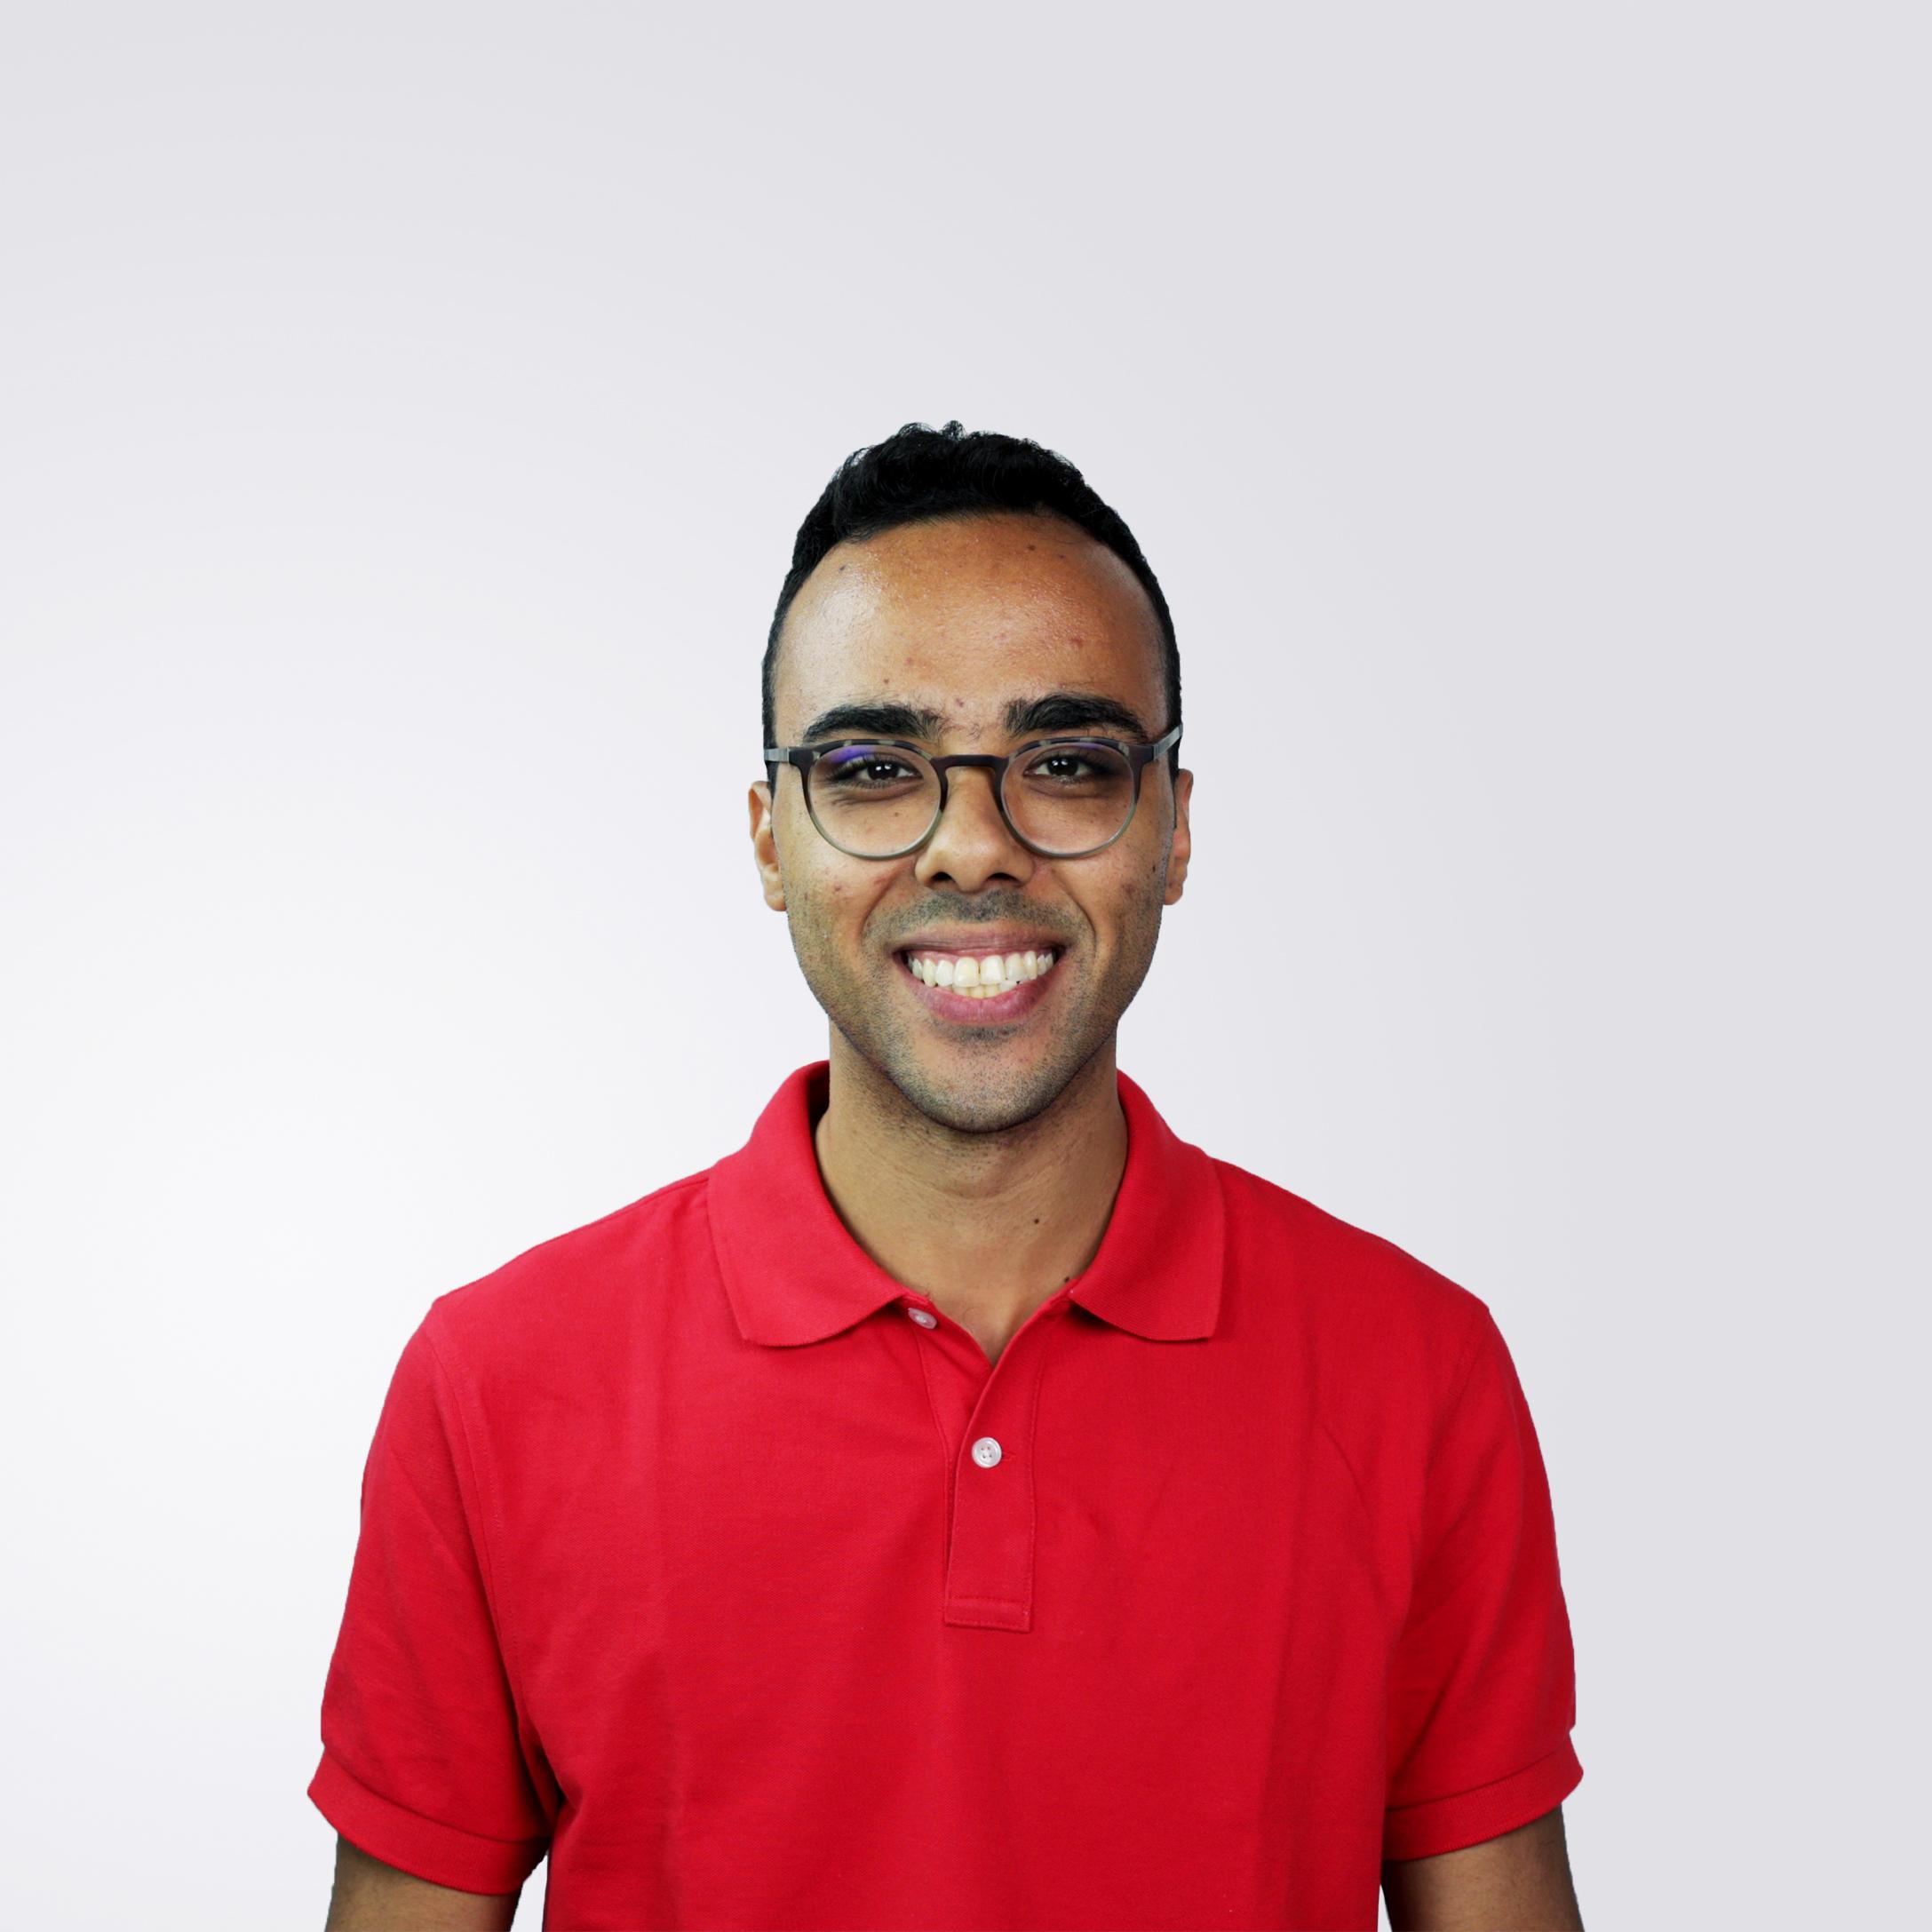 Luiz Smiling